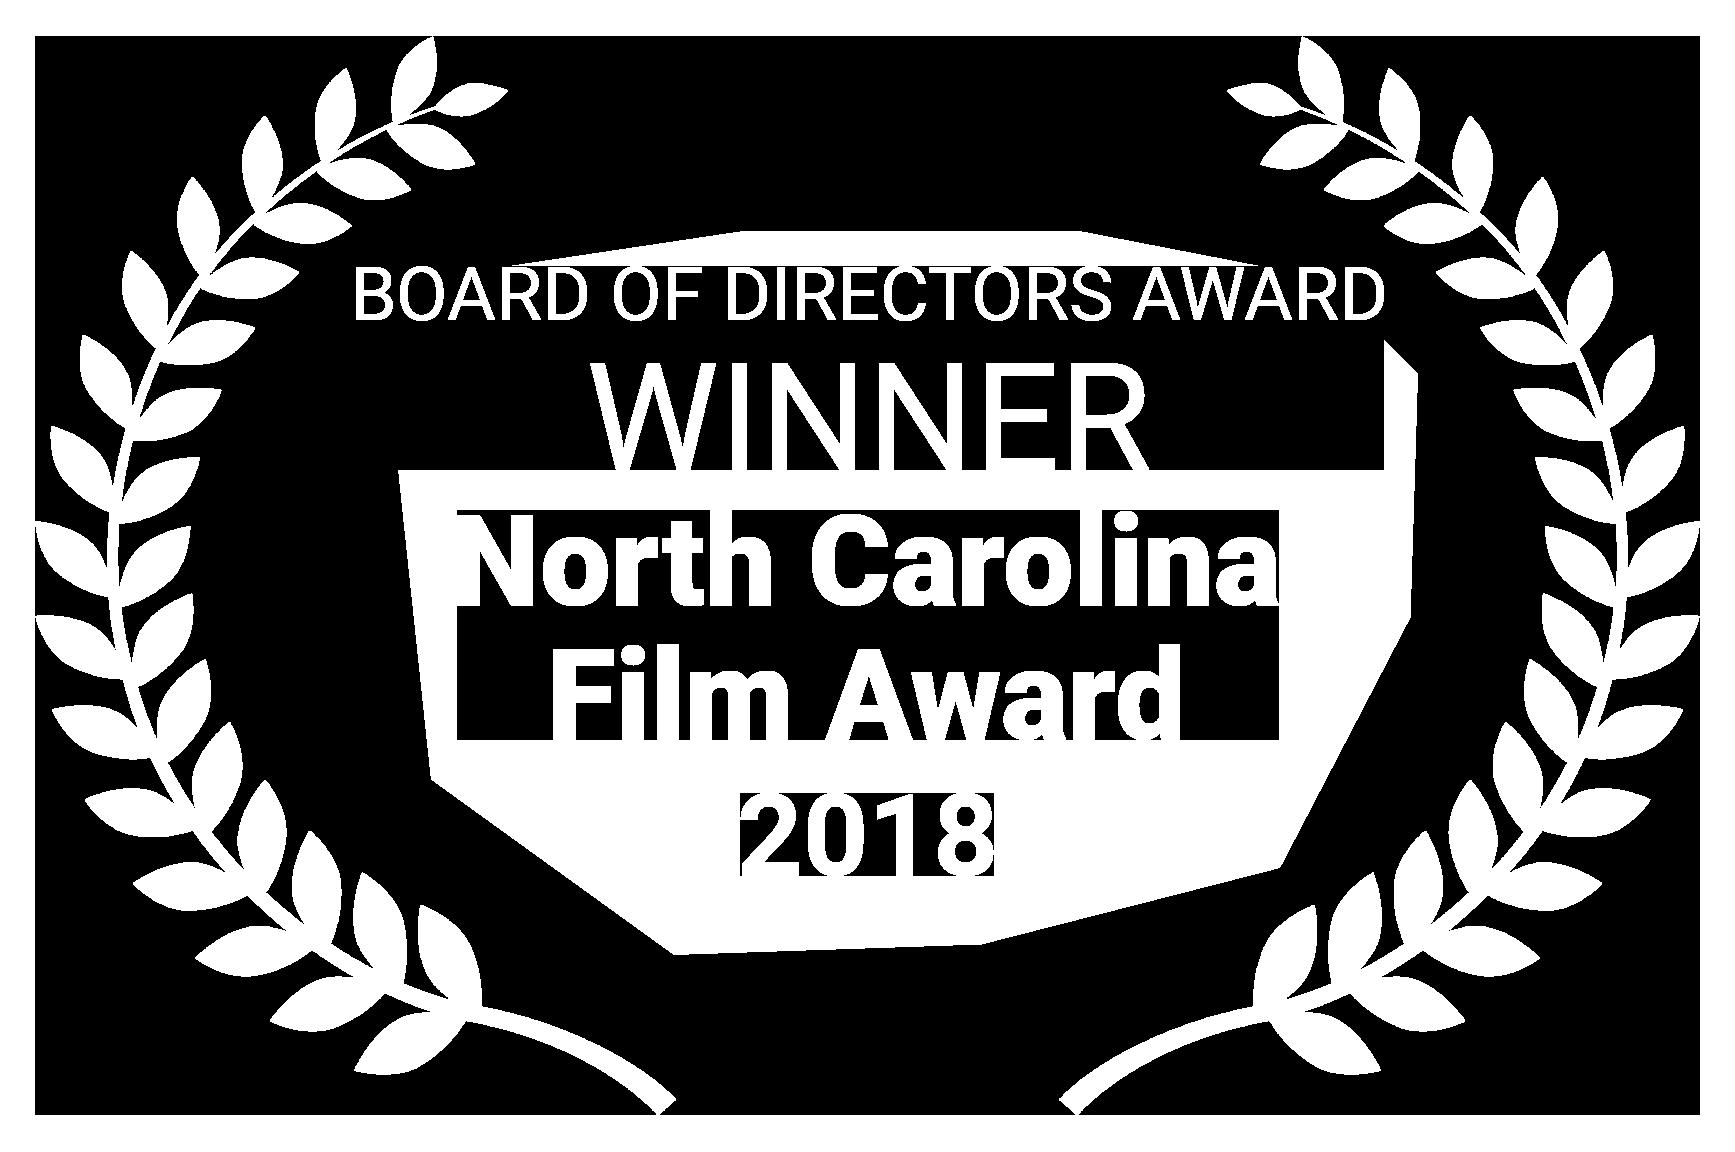 WINNER North Carolina Film Award 2018